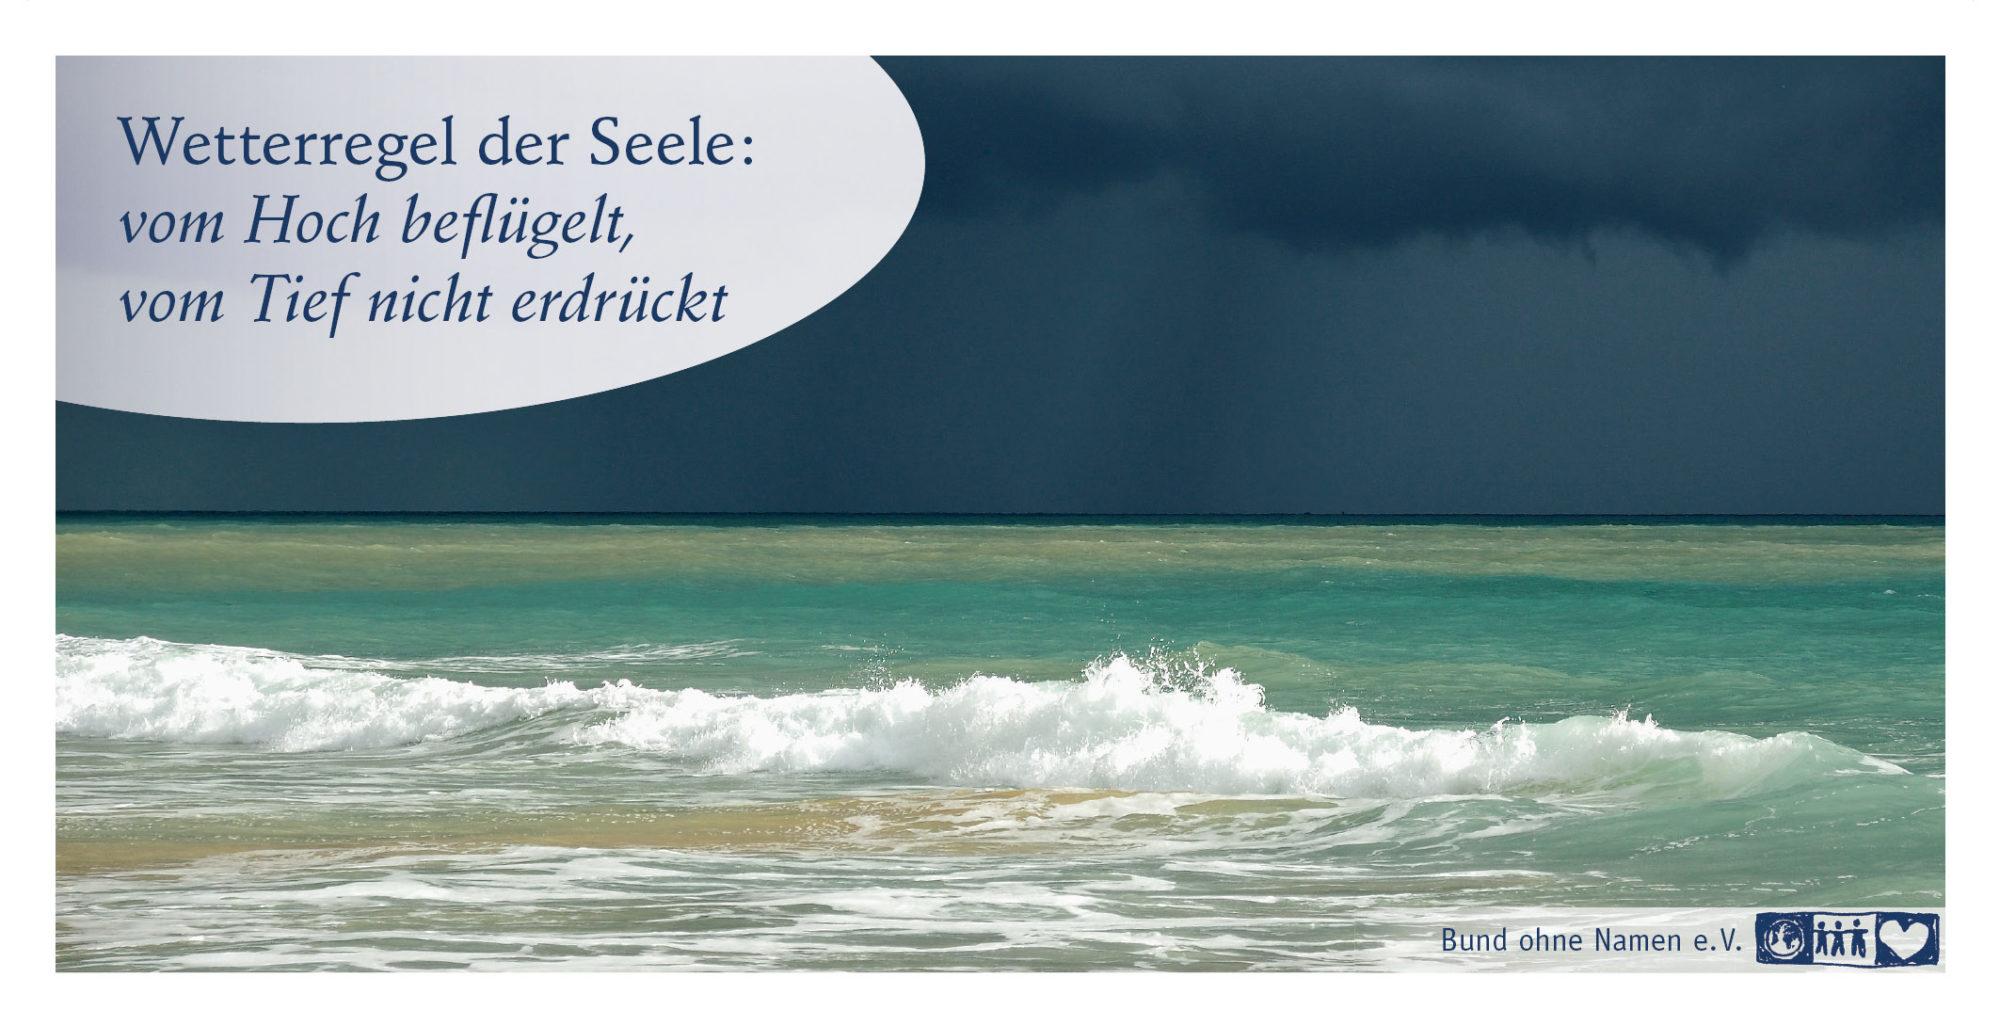 Wetterregel der Seele: vom Hoch beflügelt, vom Tief nicht erdrückt